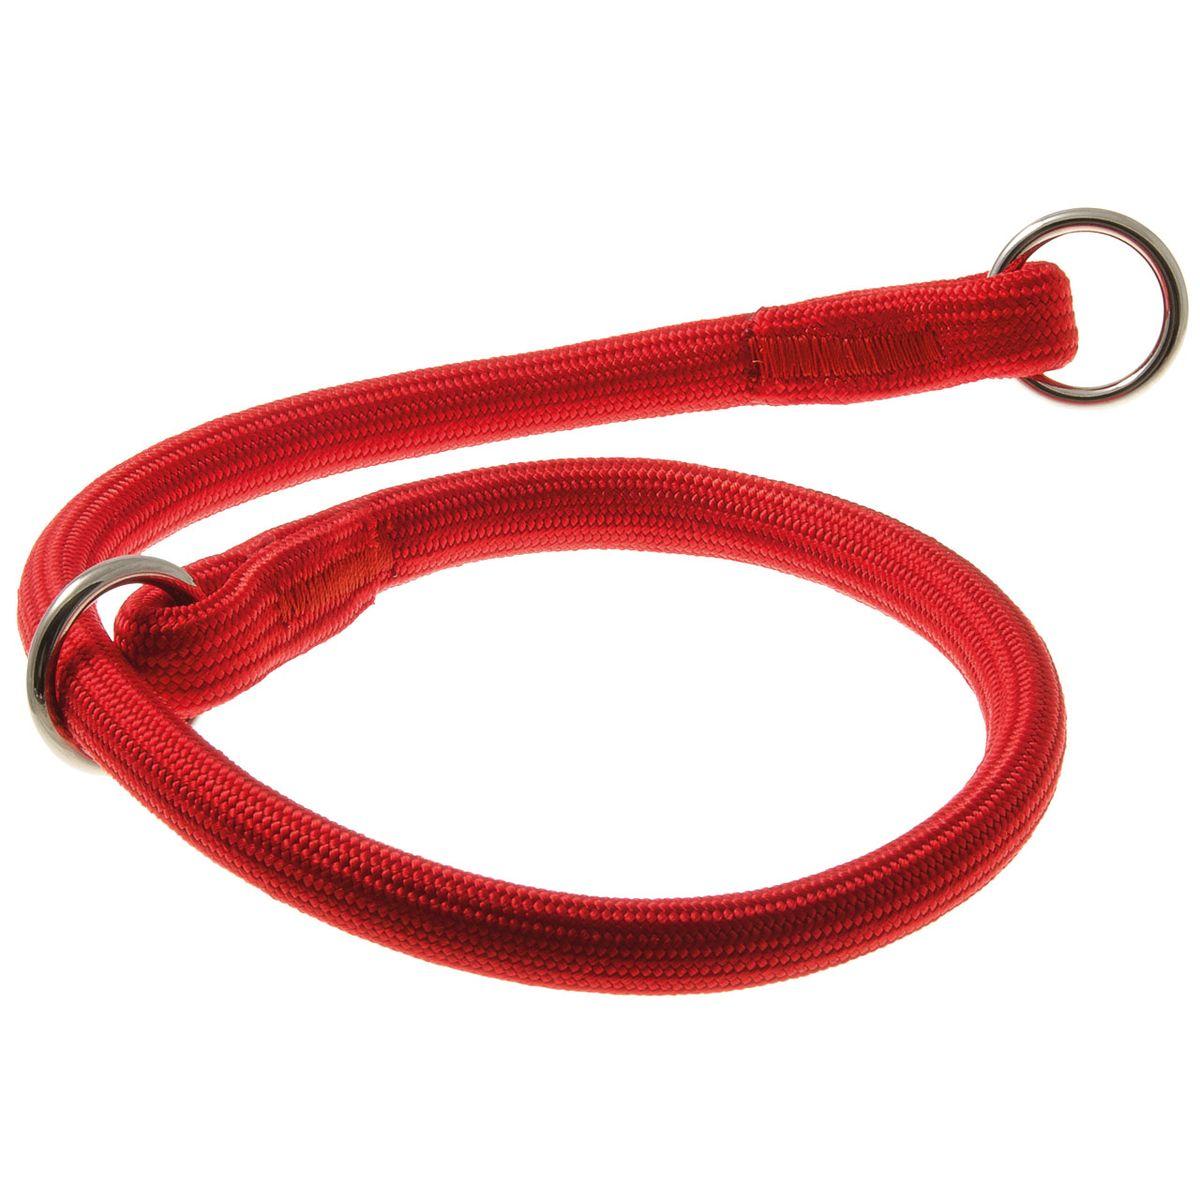 Ошейник для собак V.I.Pet, цвет: красный, диаметр 13 мм, длина 60 см74-2393Качественный ошейник V.I.Pet обладает высокой прочностью и прекрасно держит форму. Идеален для длинношерстных пород, так как имеет круглое сечение, шерсть не сминается и не скатывается. Выполняет роль дрессировочного ошейника, с его помощью вы сможете научить питомца командам и корректировать его поведение. Может служить выставочным ошейником.